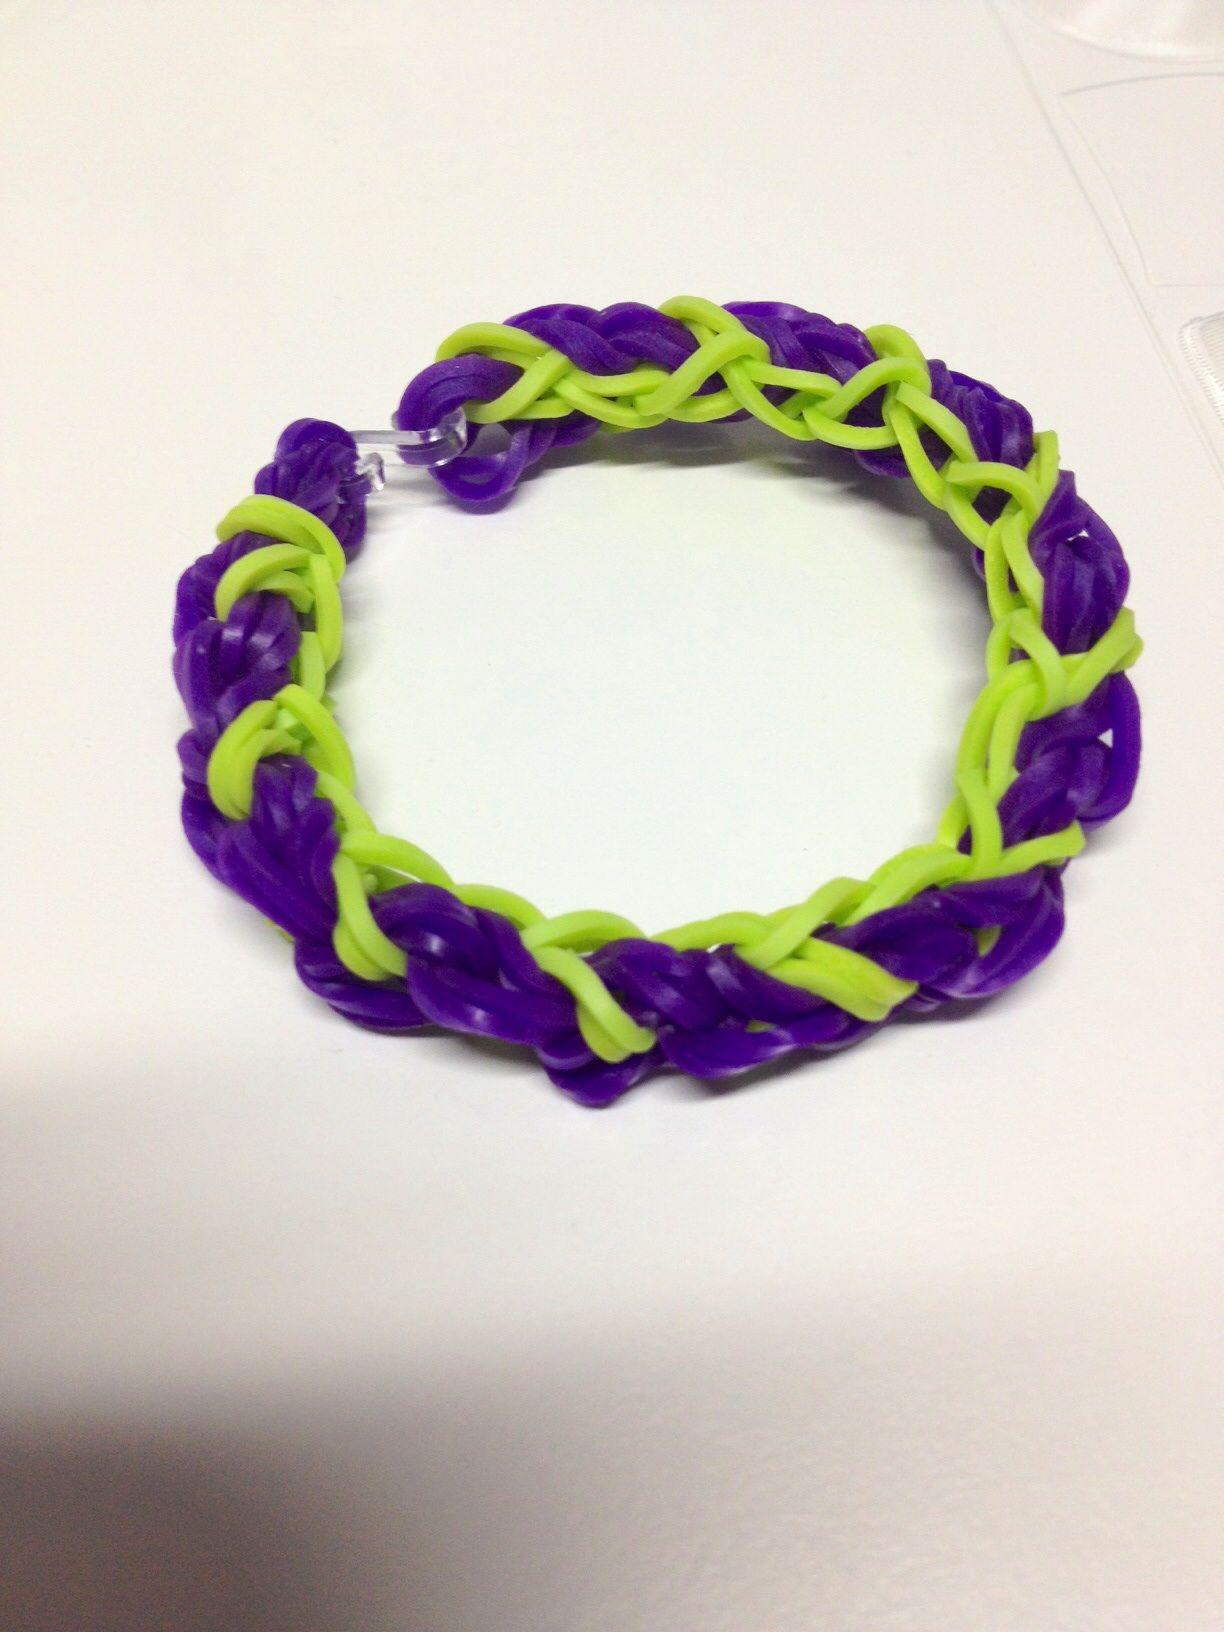 Valentine Bracelets Justin Toys : Over and under bracelet by justin s toys my rainbow